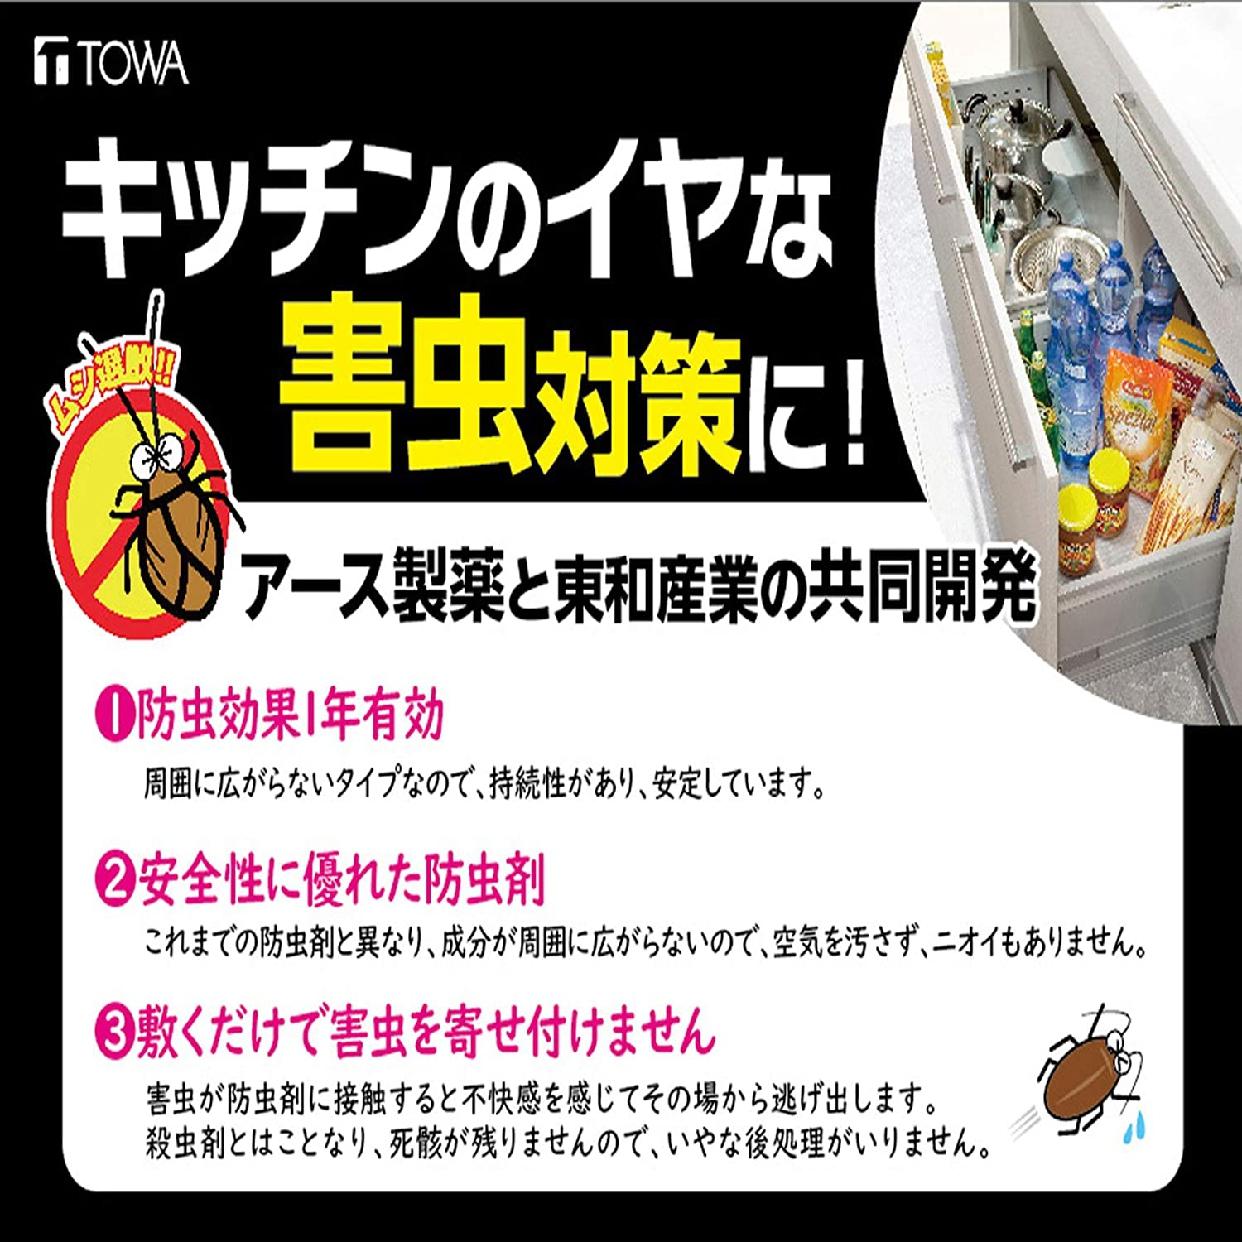 東和産業(とうわさんぎょう)1年防虫アルミシート システムキッチン用の商品画像6